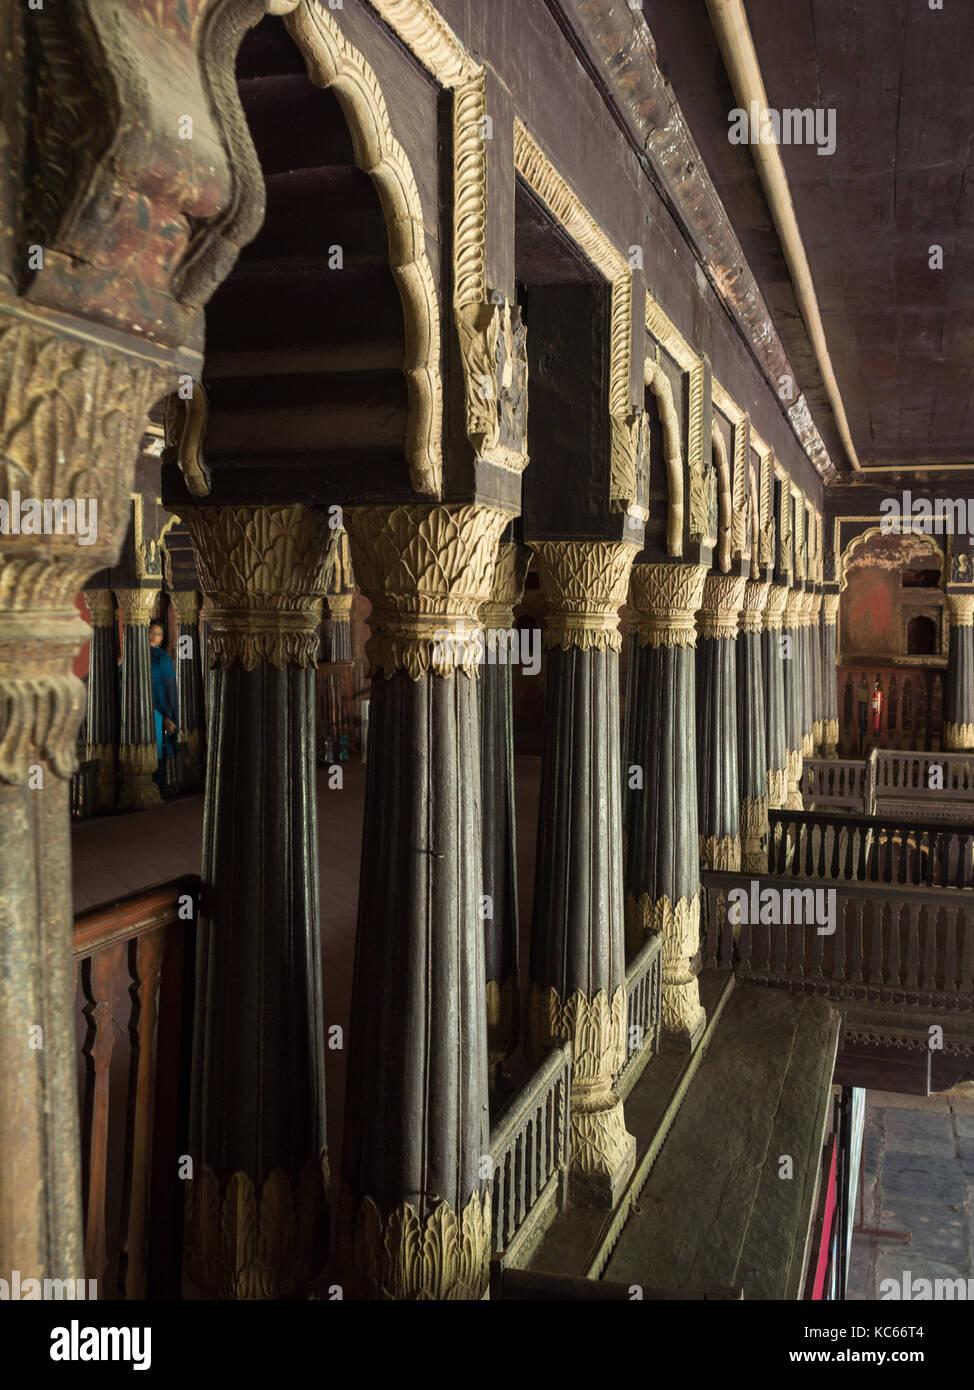 L'architecture en bois du palais d'été de Tipu Sultans, Bangalore Banque D'Images